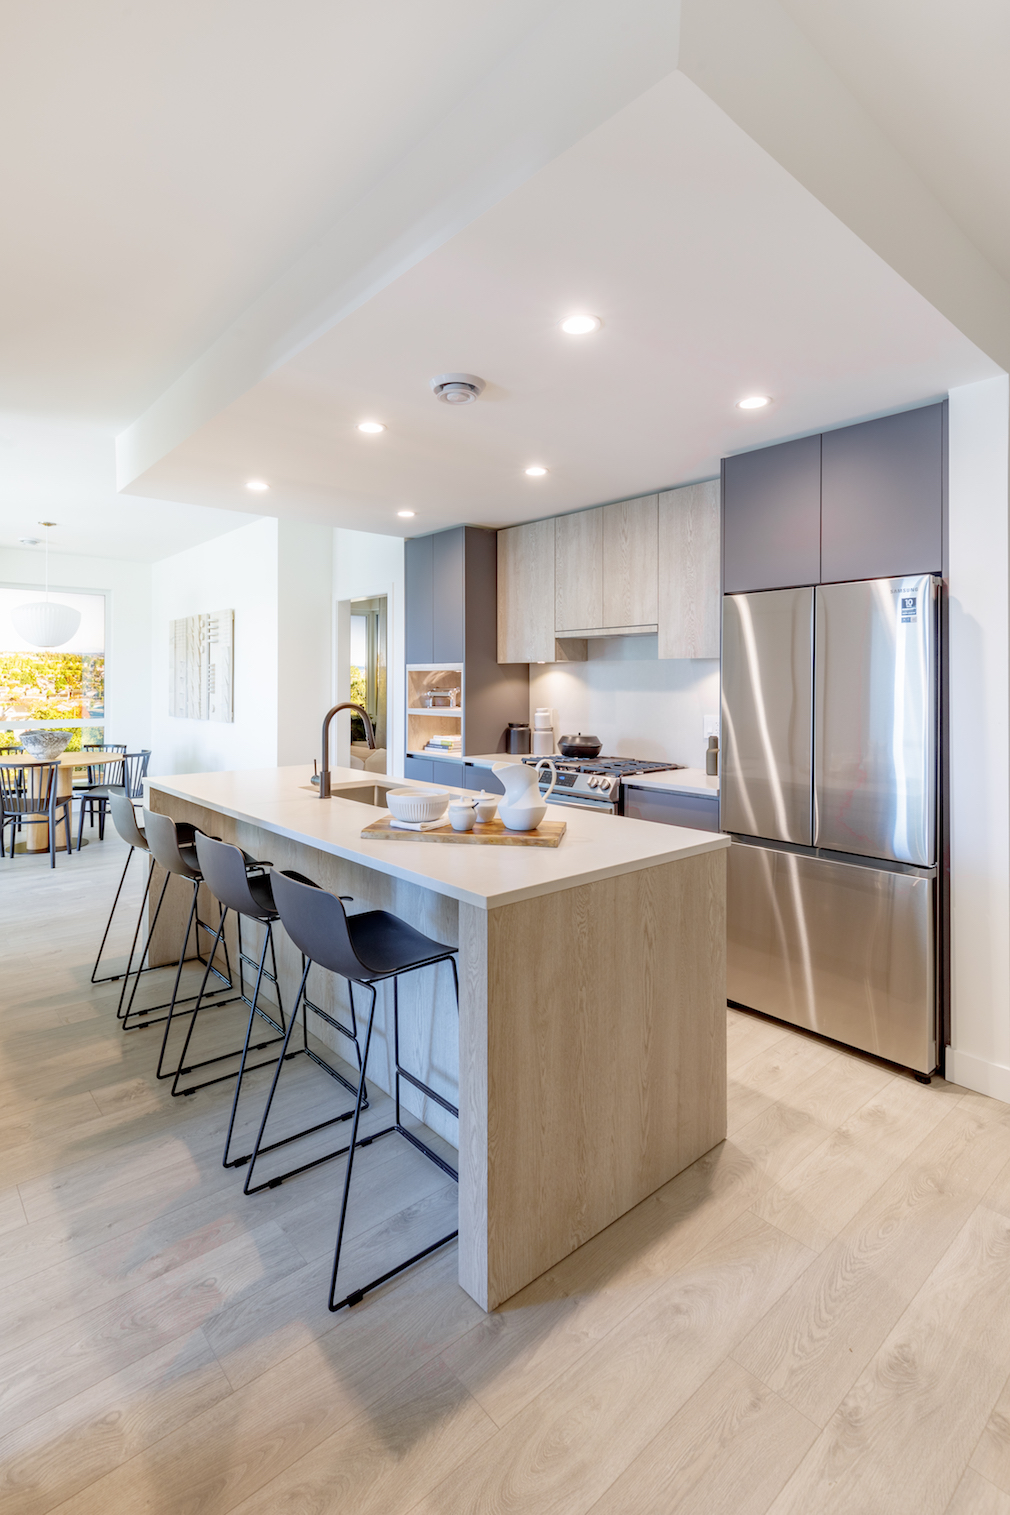 Kitchen in Harlo condo development